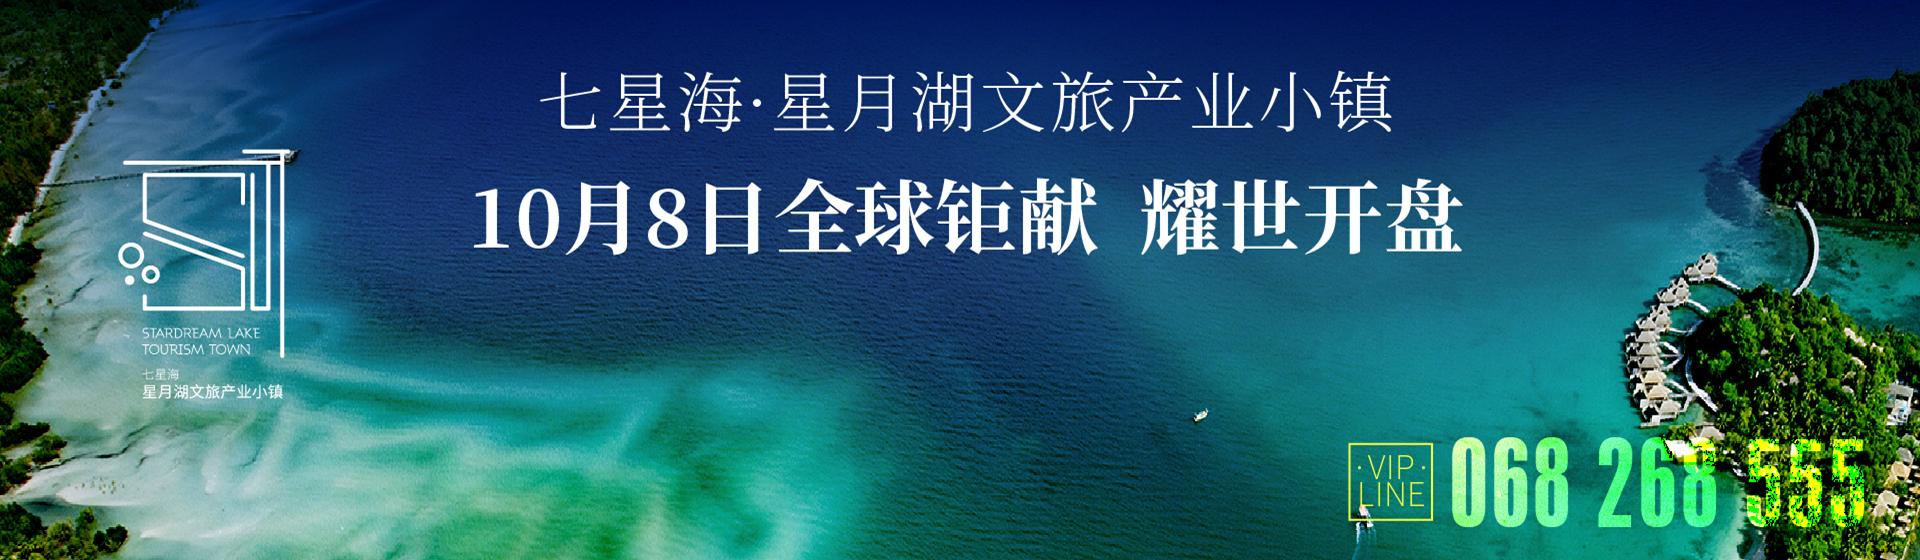 七星海星月湖小镇广告